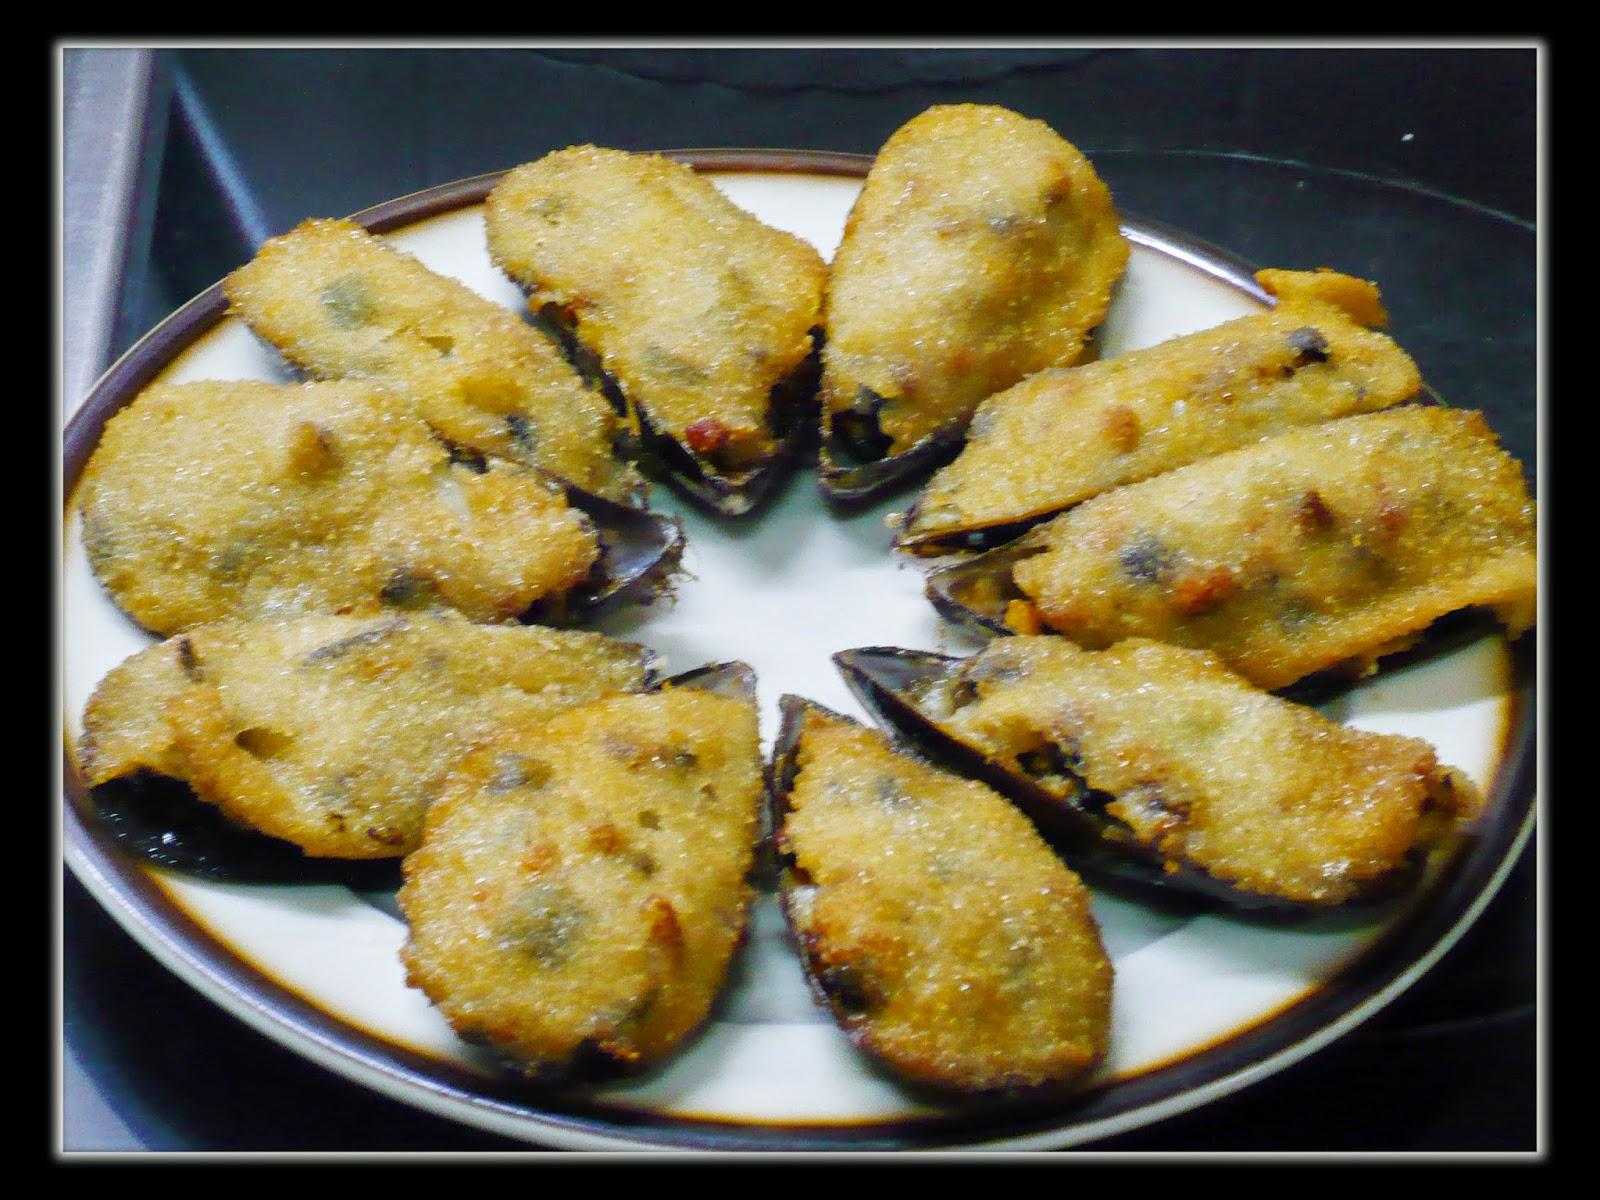 http://50crisis.blogspot.com.es/2014/04/cocina-conmigo-mejillones-rellenos.html